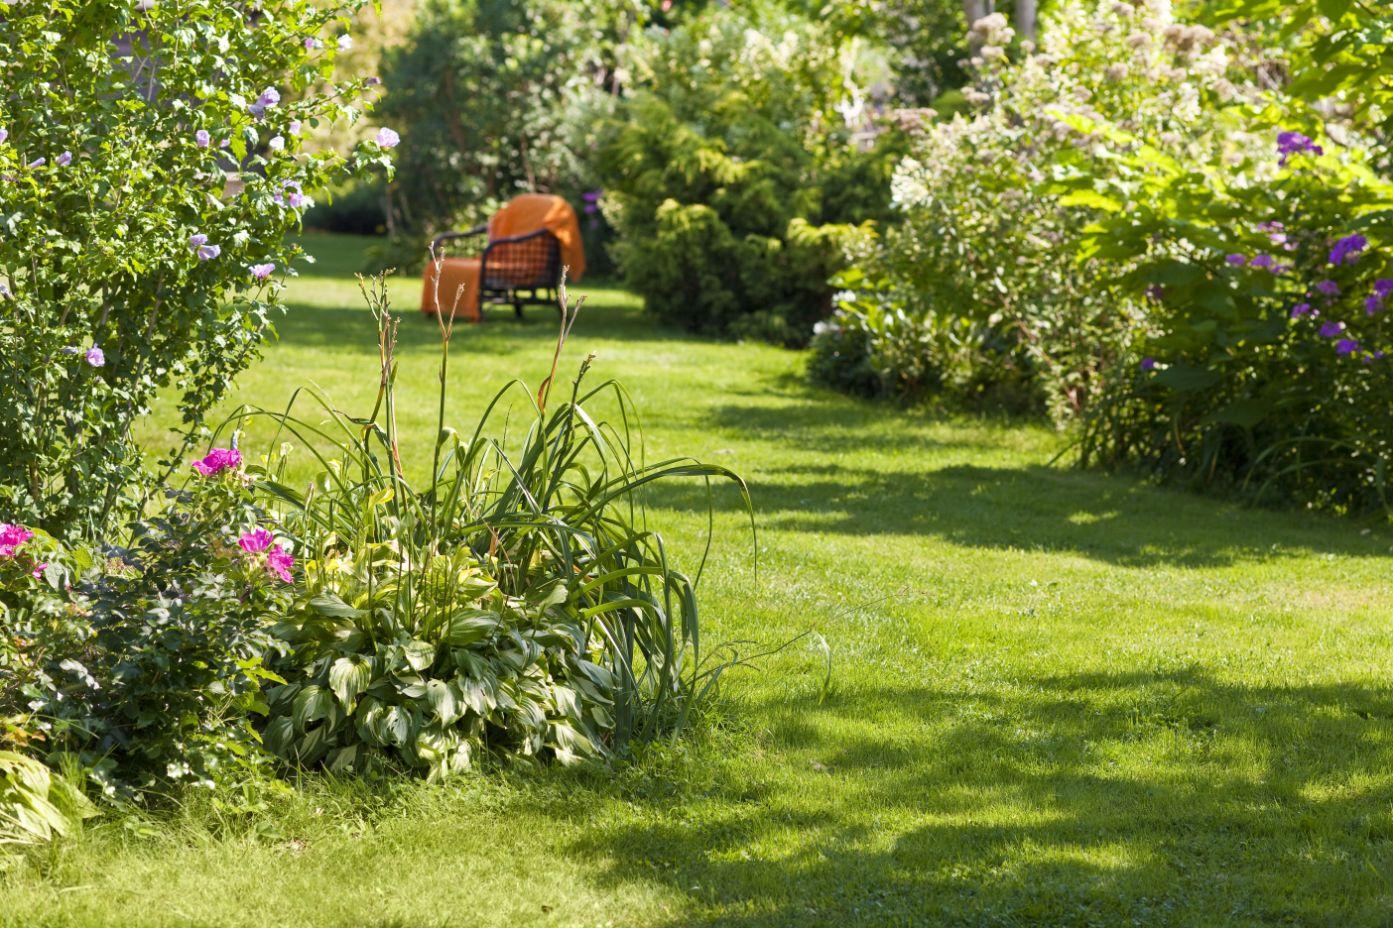 Fotele ogrodowe – idealny sposób na relaks w wolnym czasie!